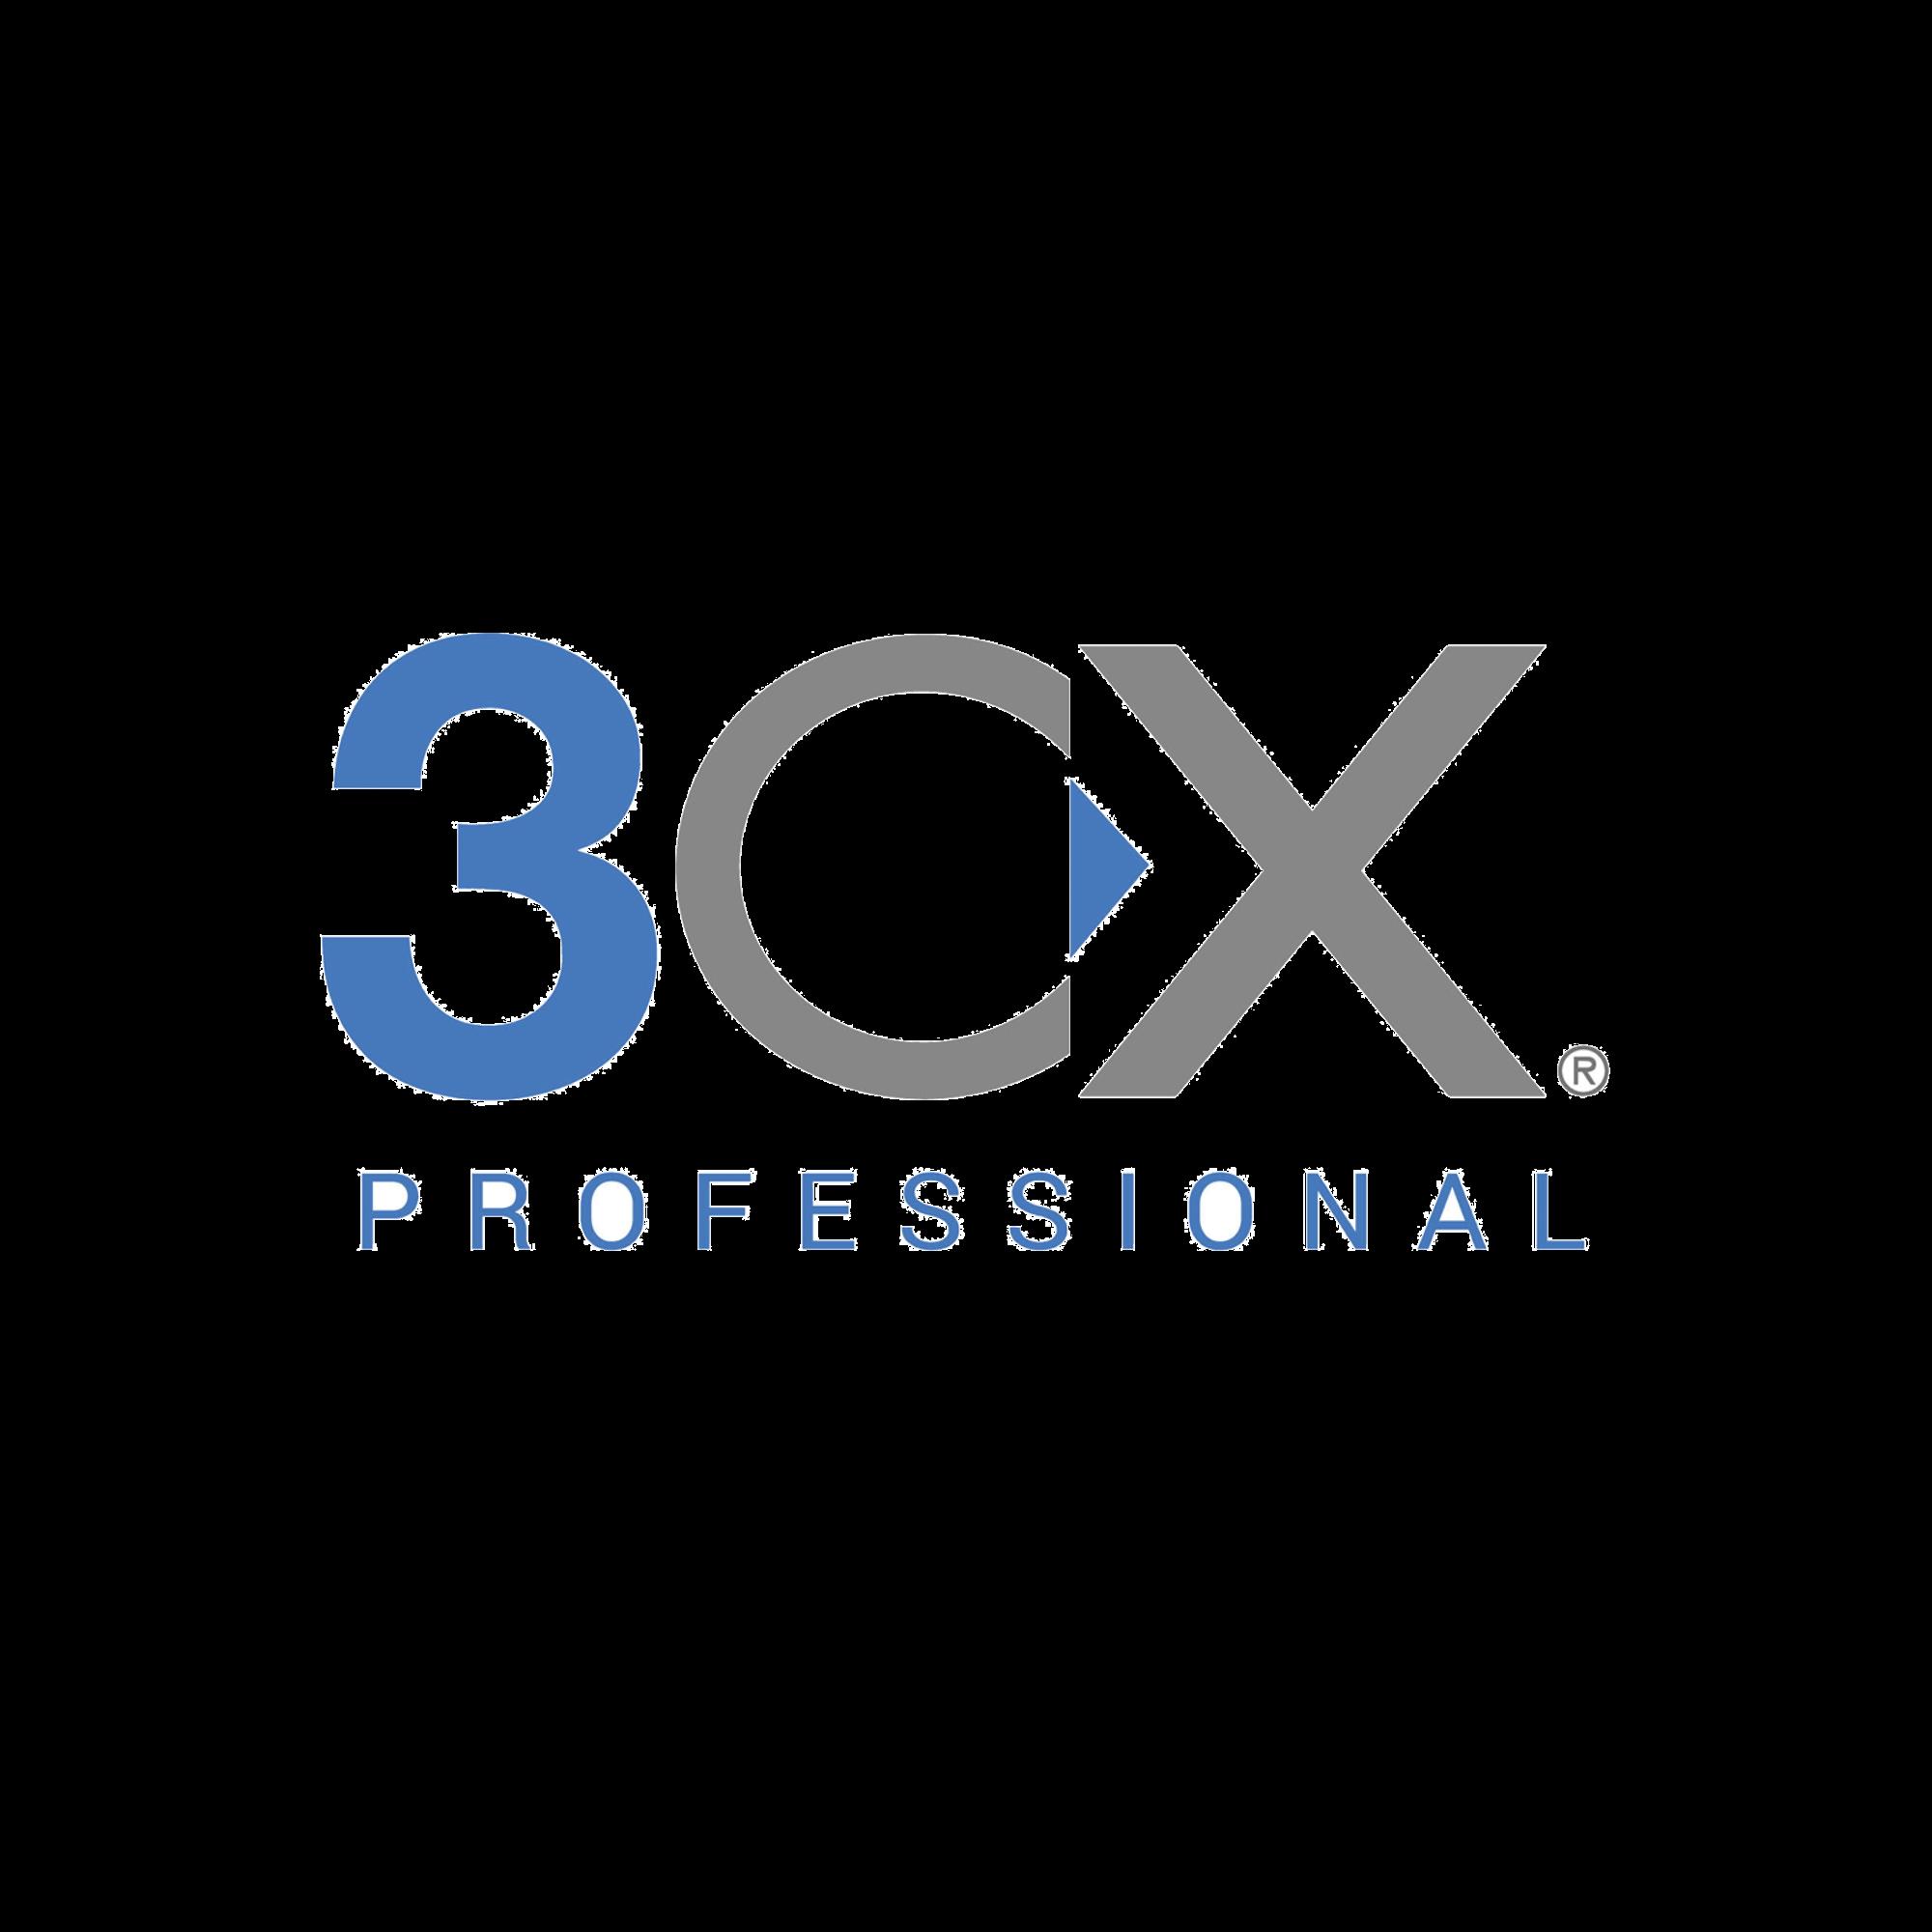 Licencia anual de 3CX Professional para 32 llamadas simultáneas y extensiones ilimitadas